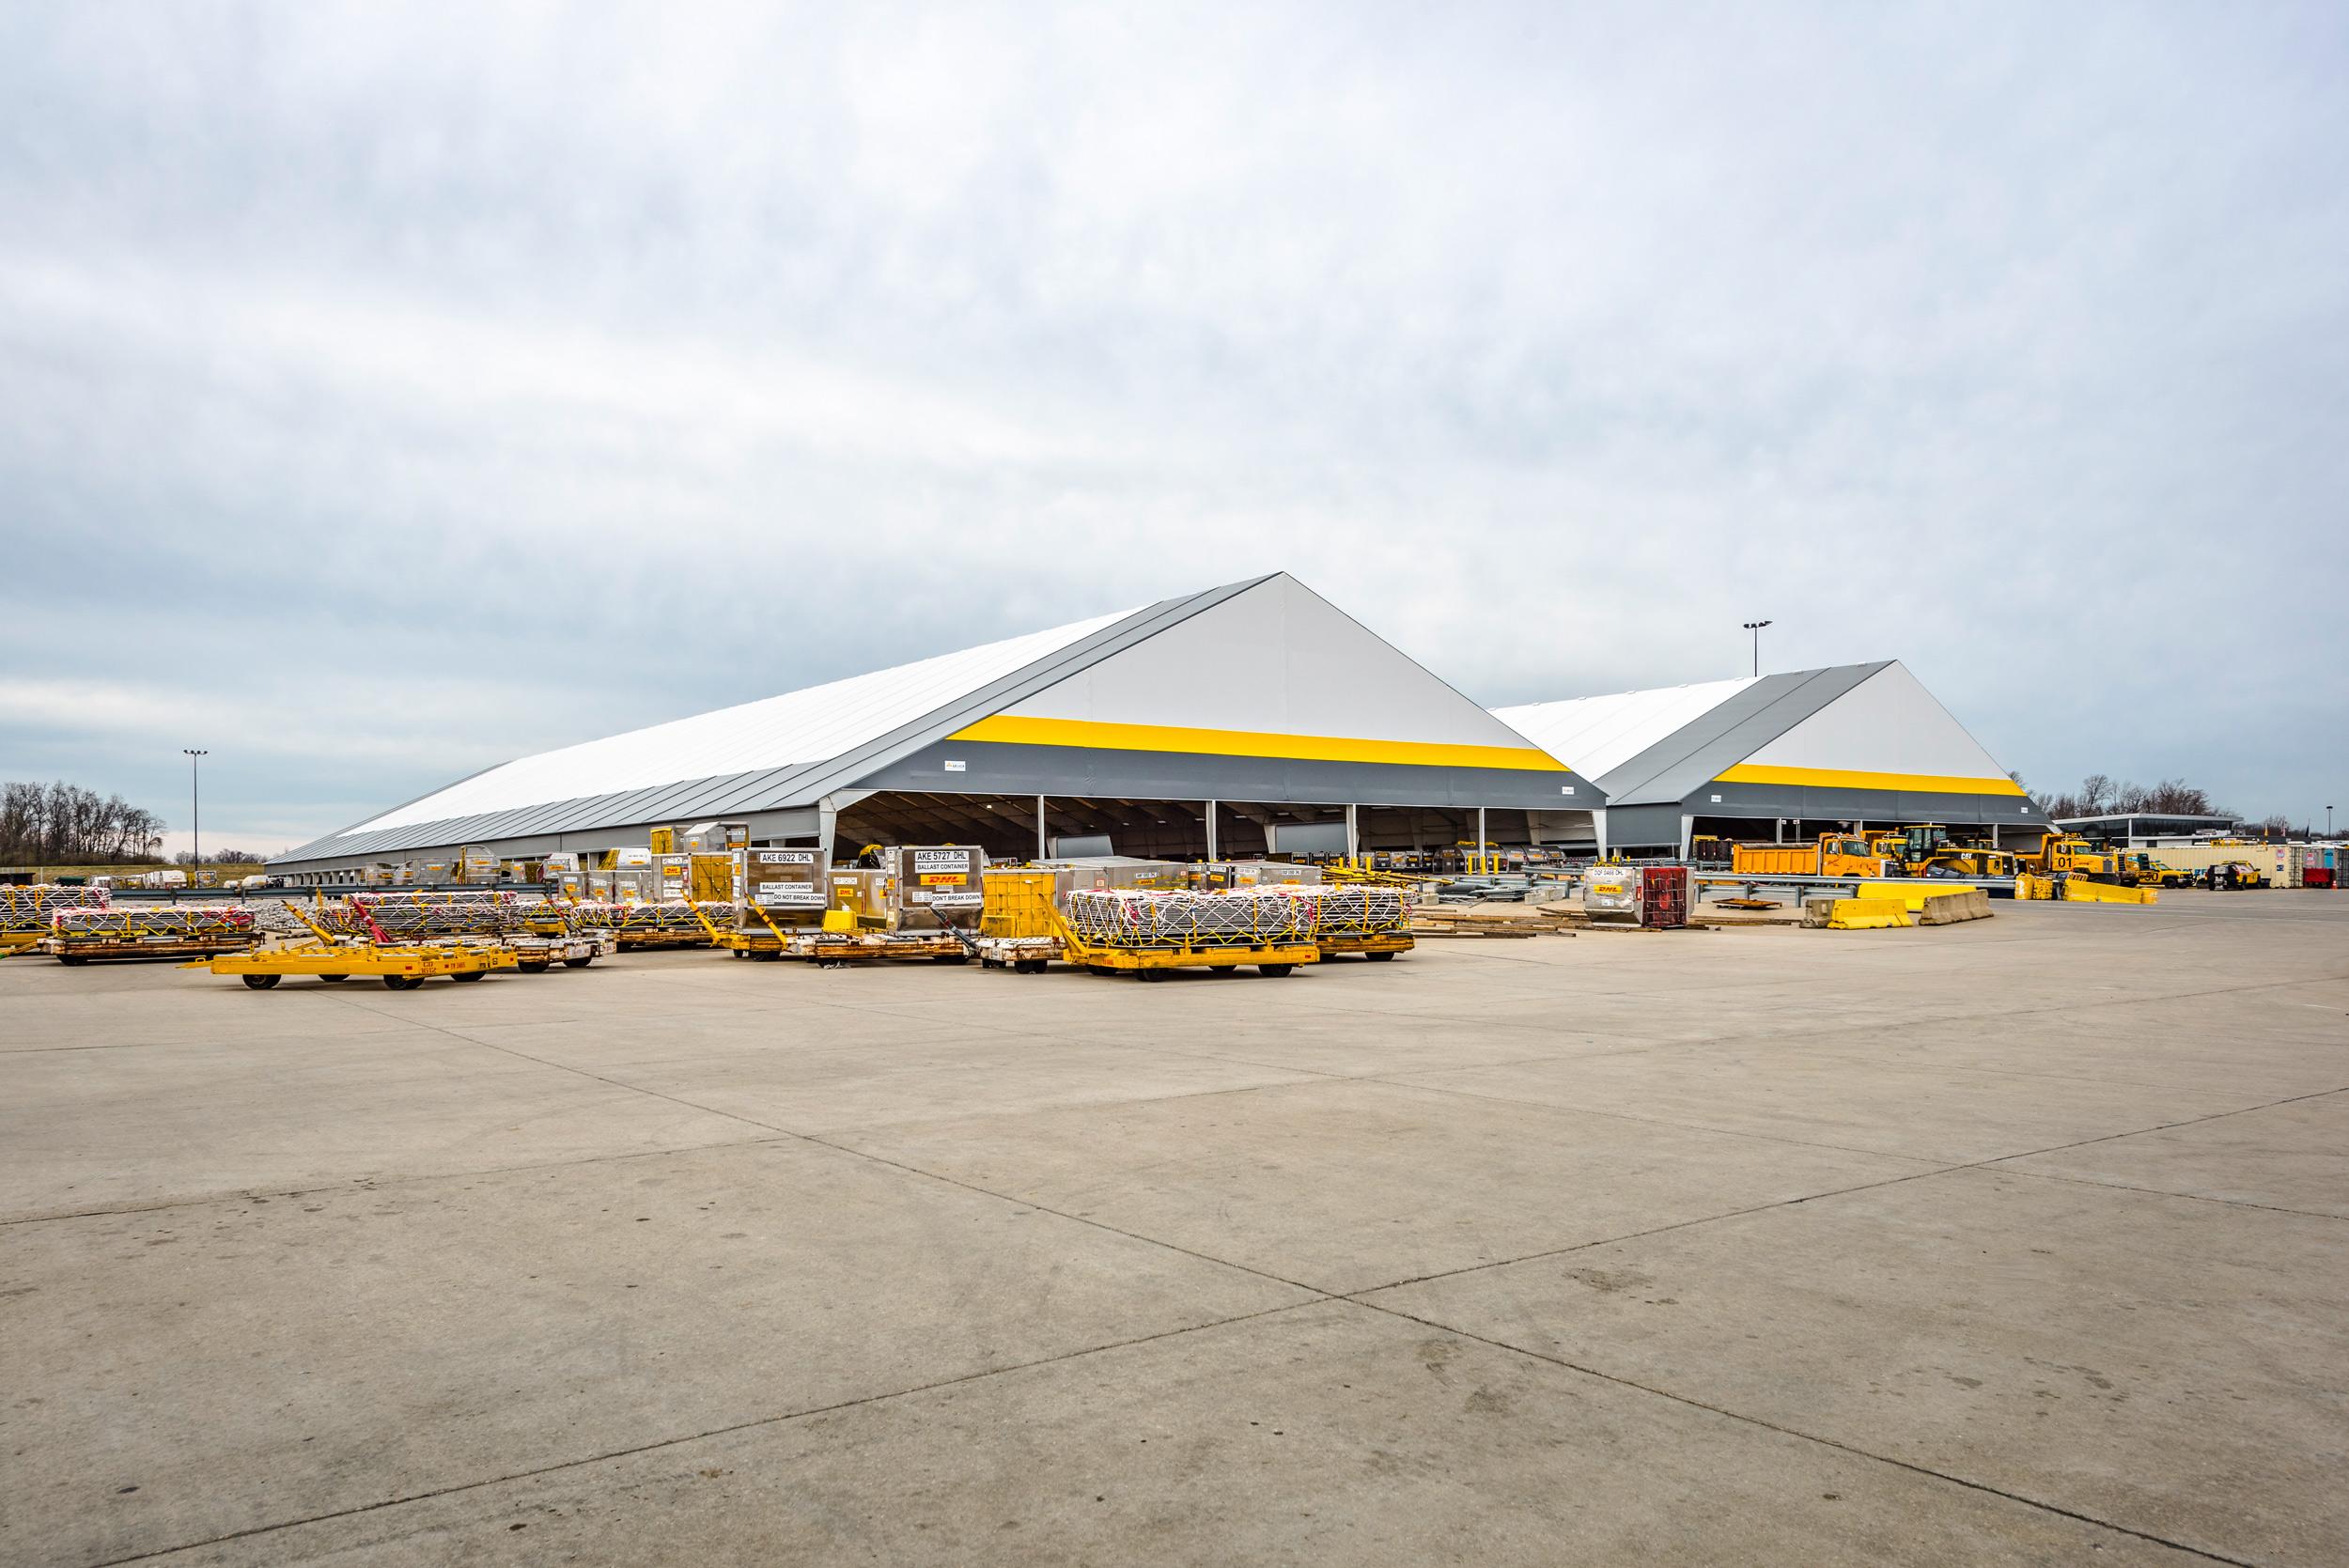 cargo logistics at an airport